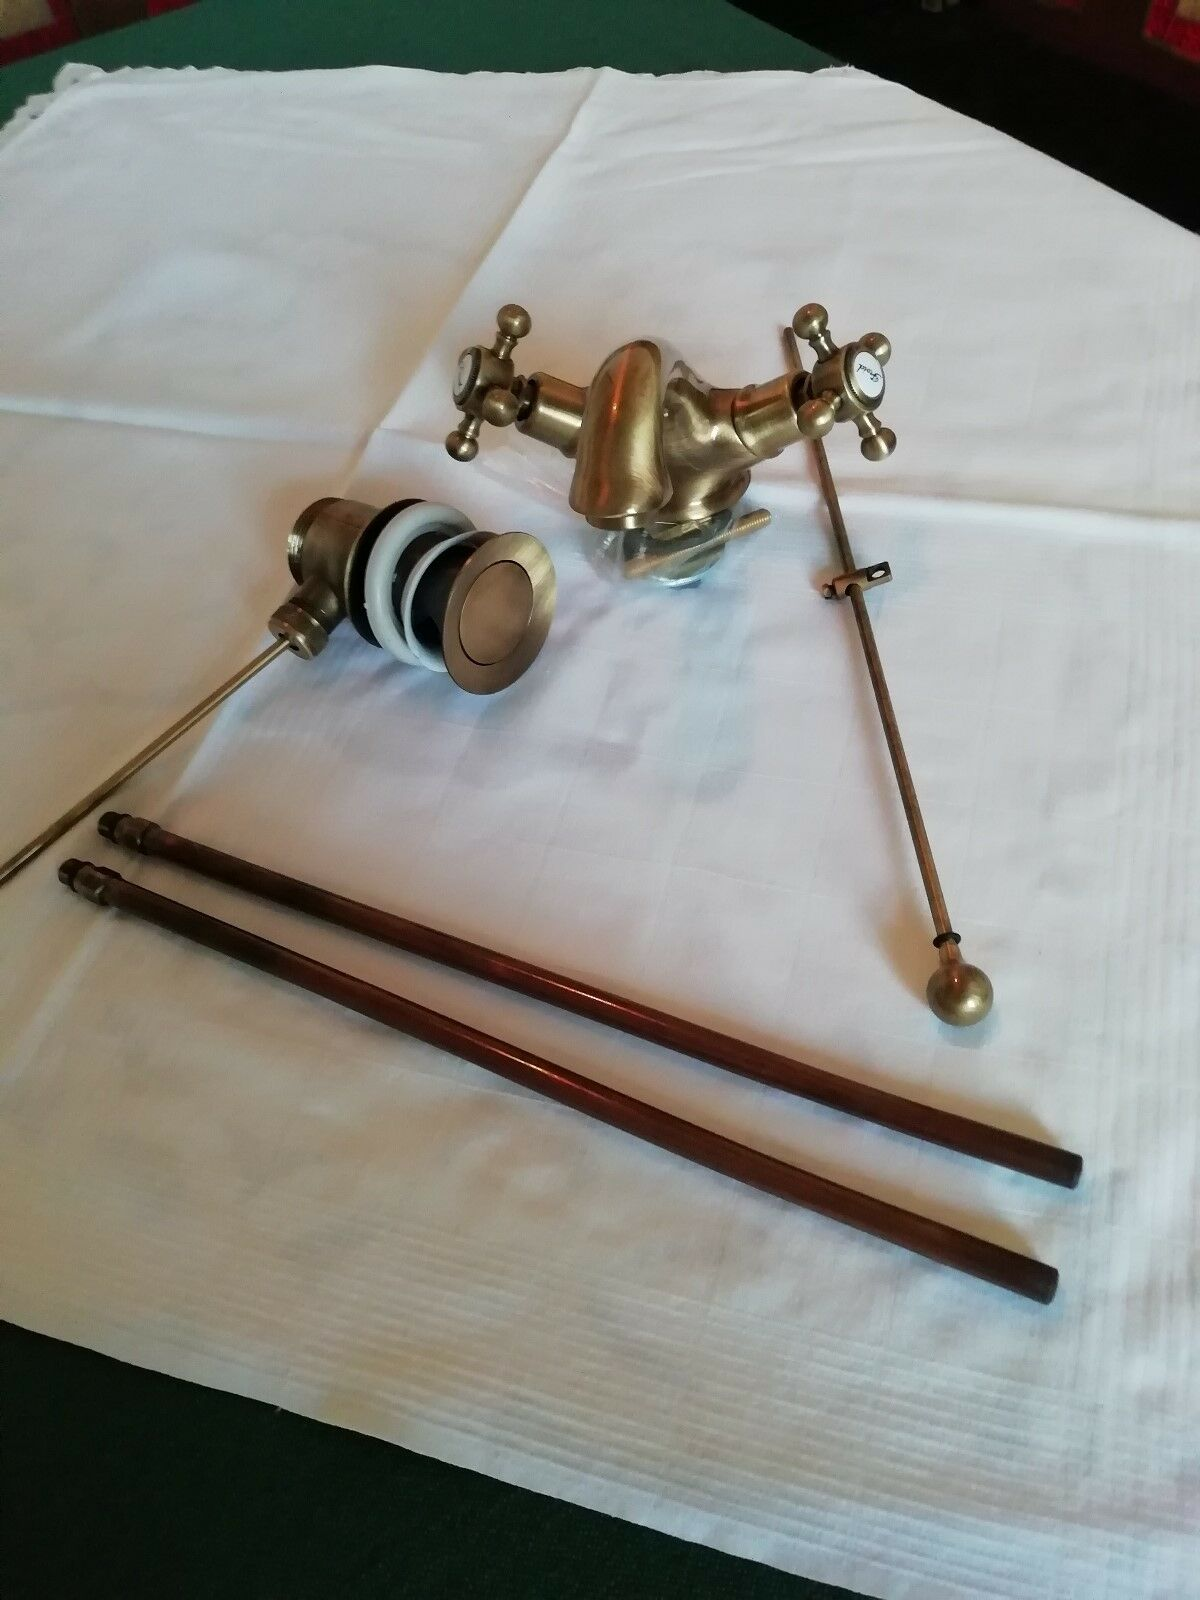 Waschtischarmatur Kreuzgriff, antik Bronze - neu